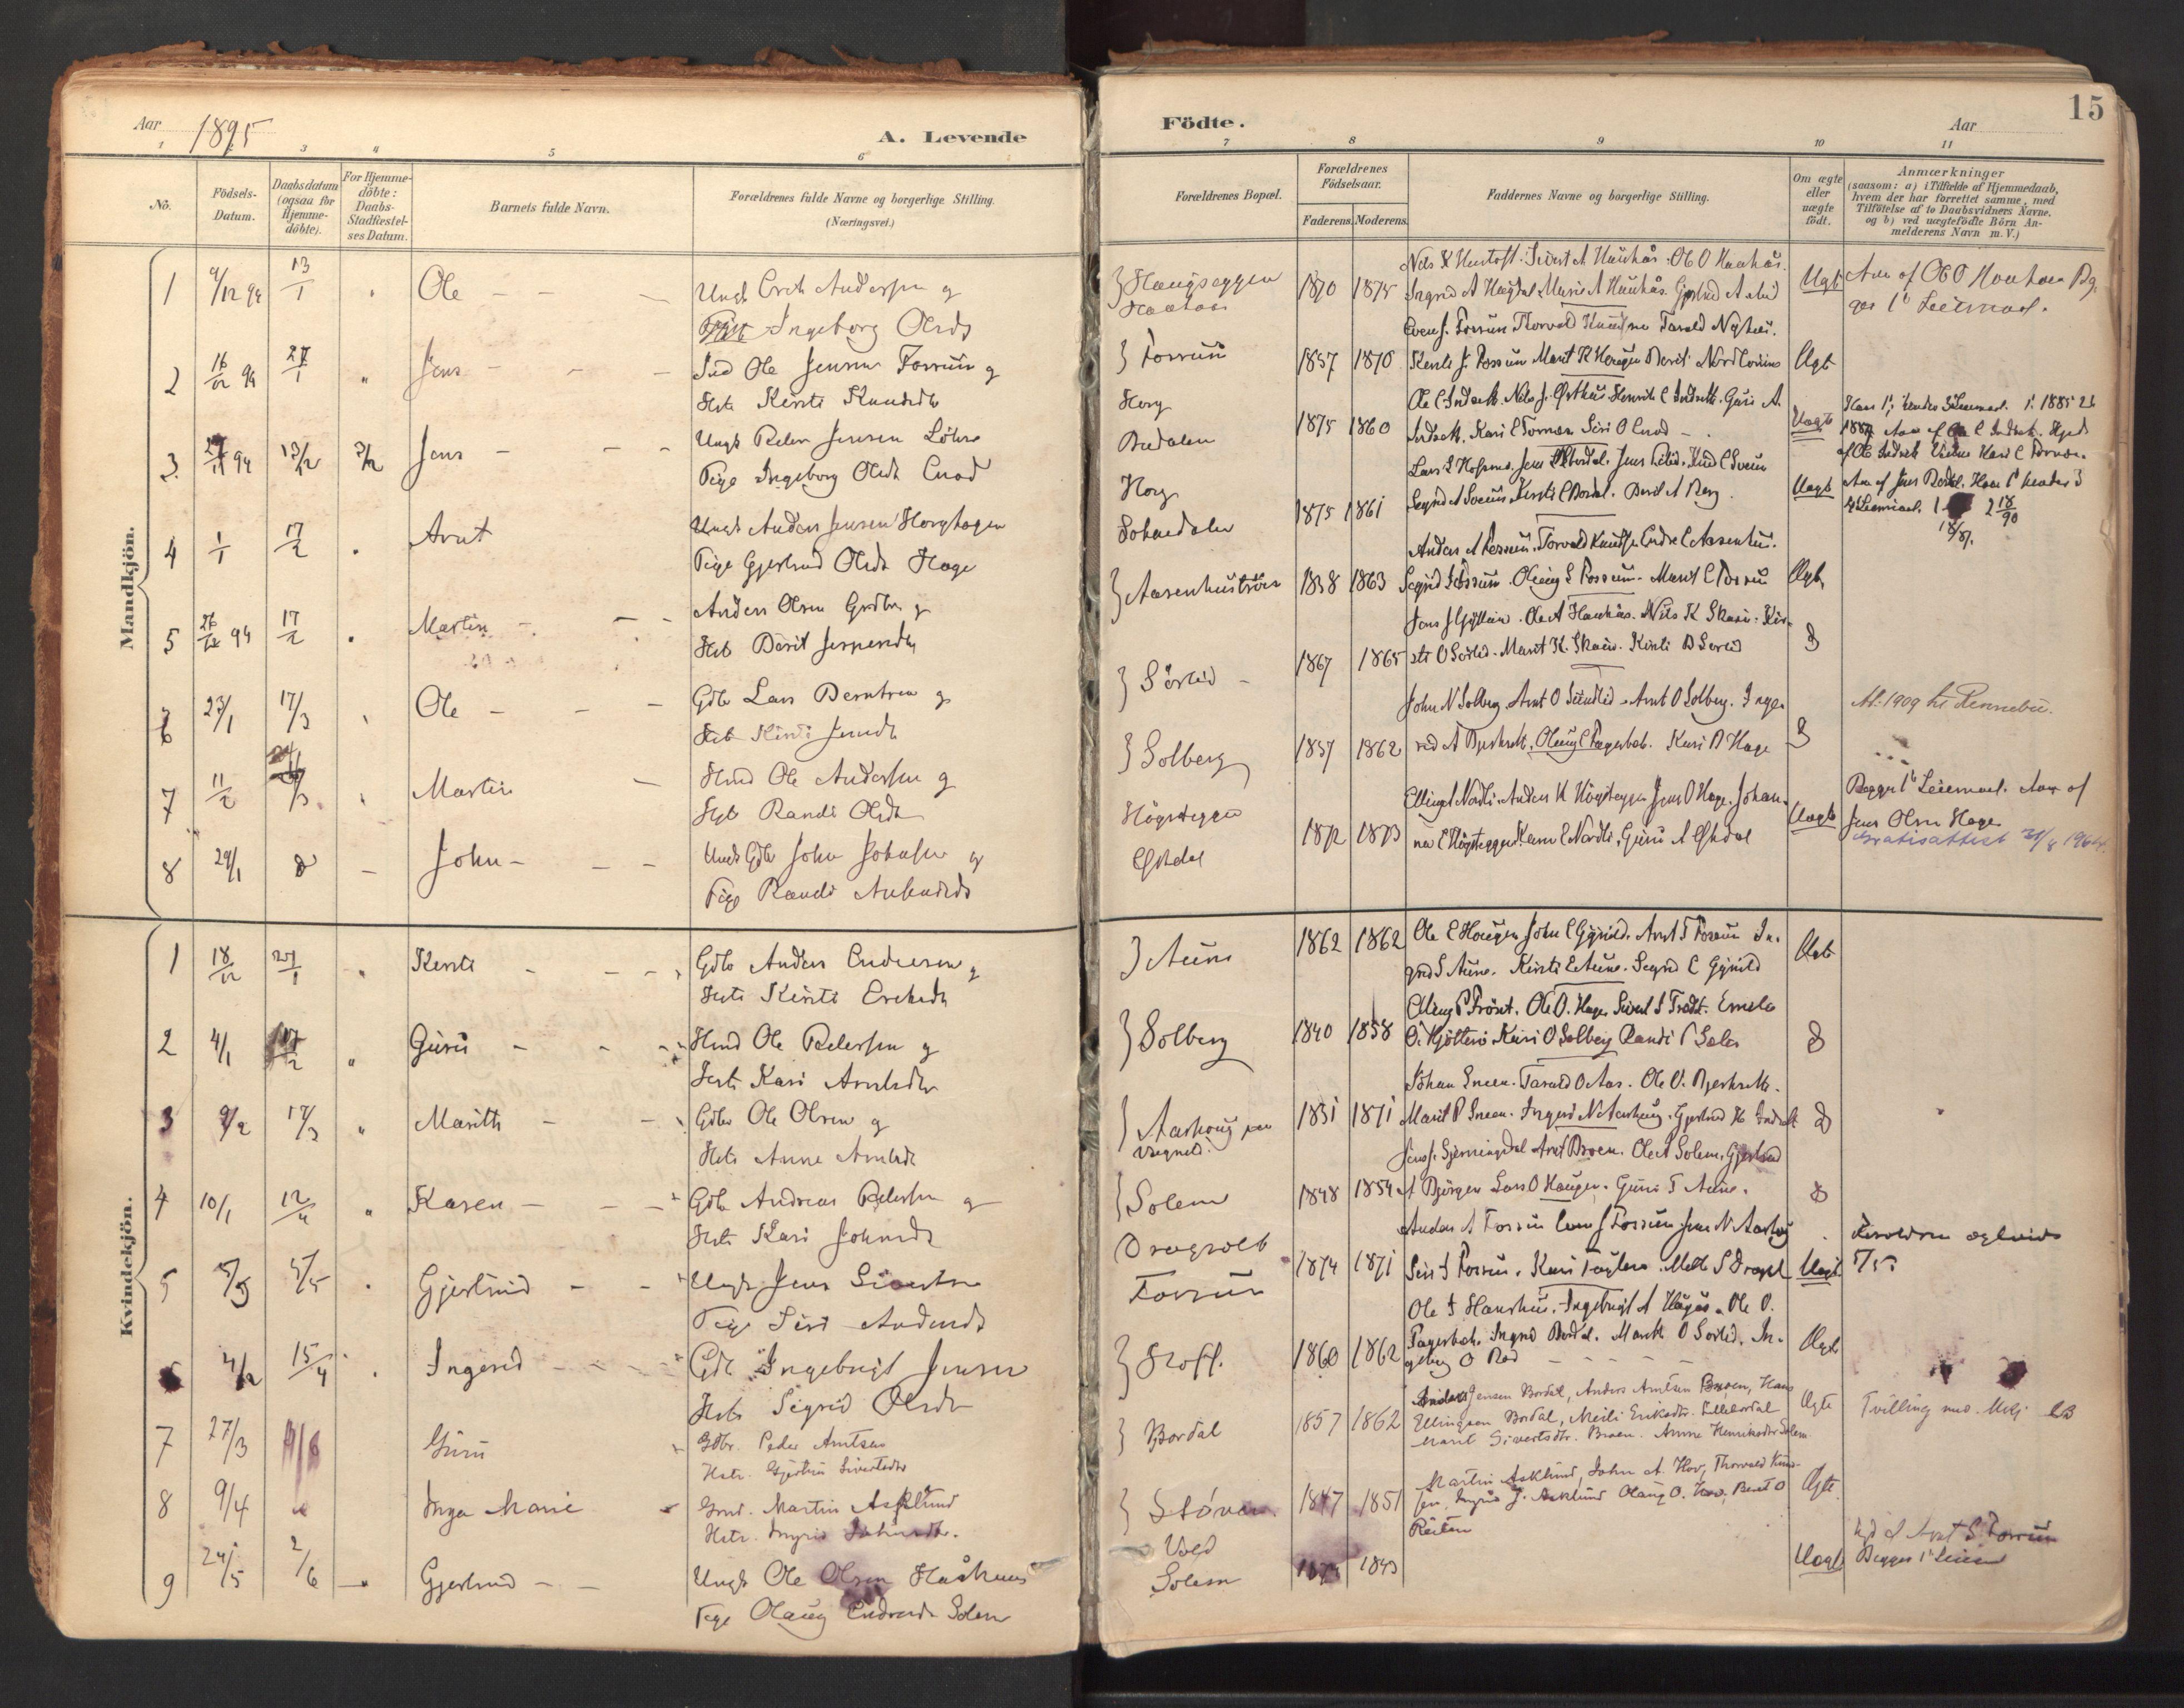 SAT, Ministerialprotokoller, klokkerbøker og fødselsregistre - Sør-Trøndelag, 689/L1041: Ministerialbok nr. 689A06, 1891-1923, s. 15